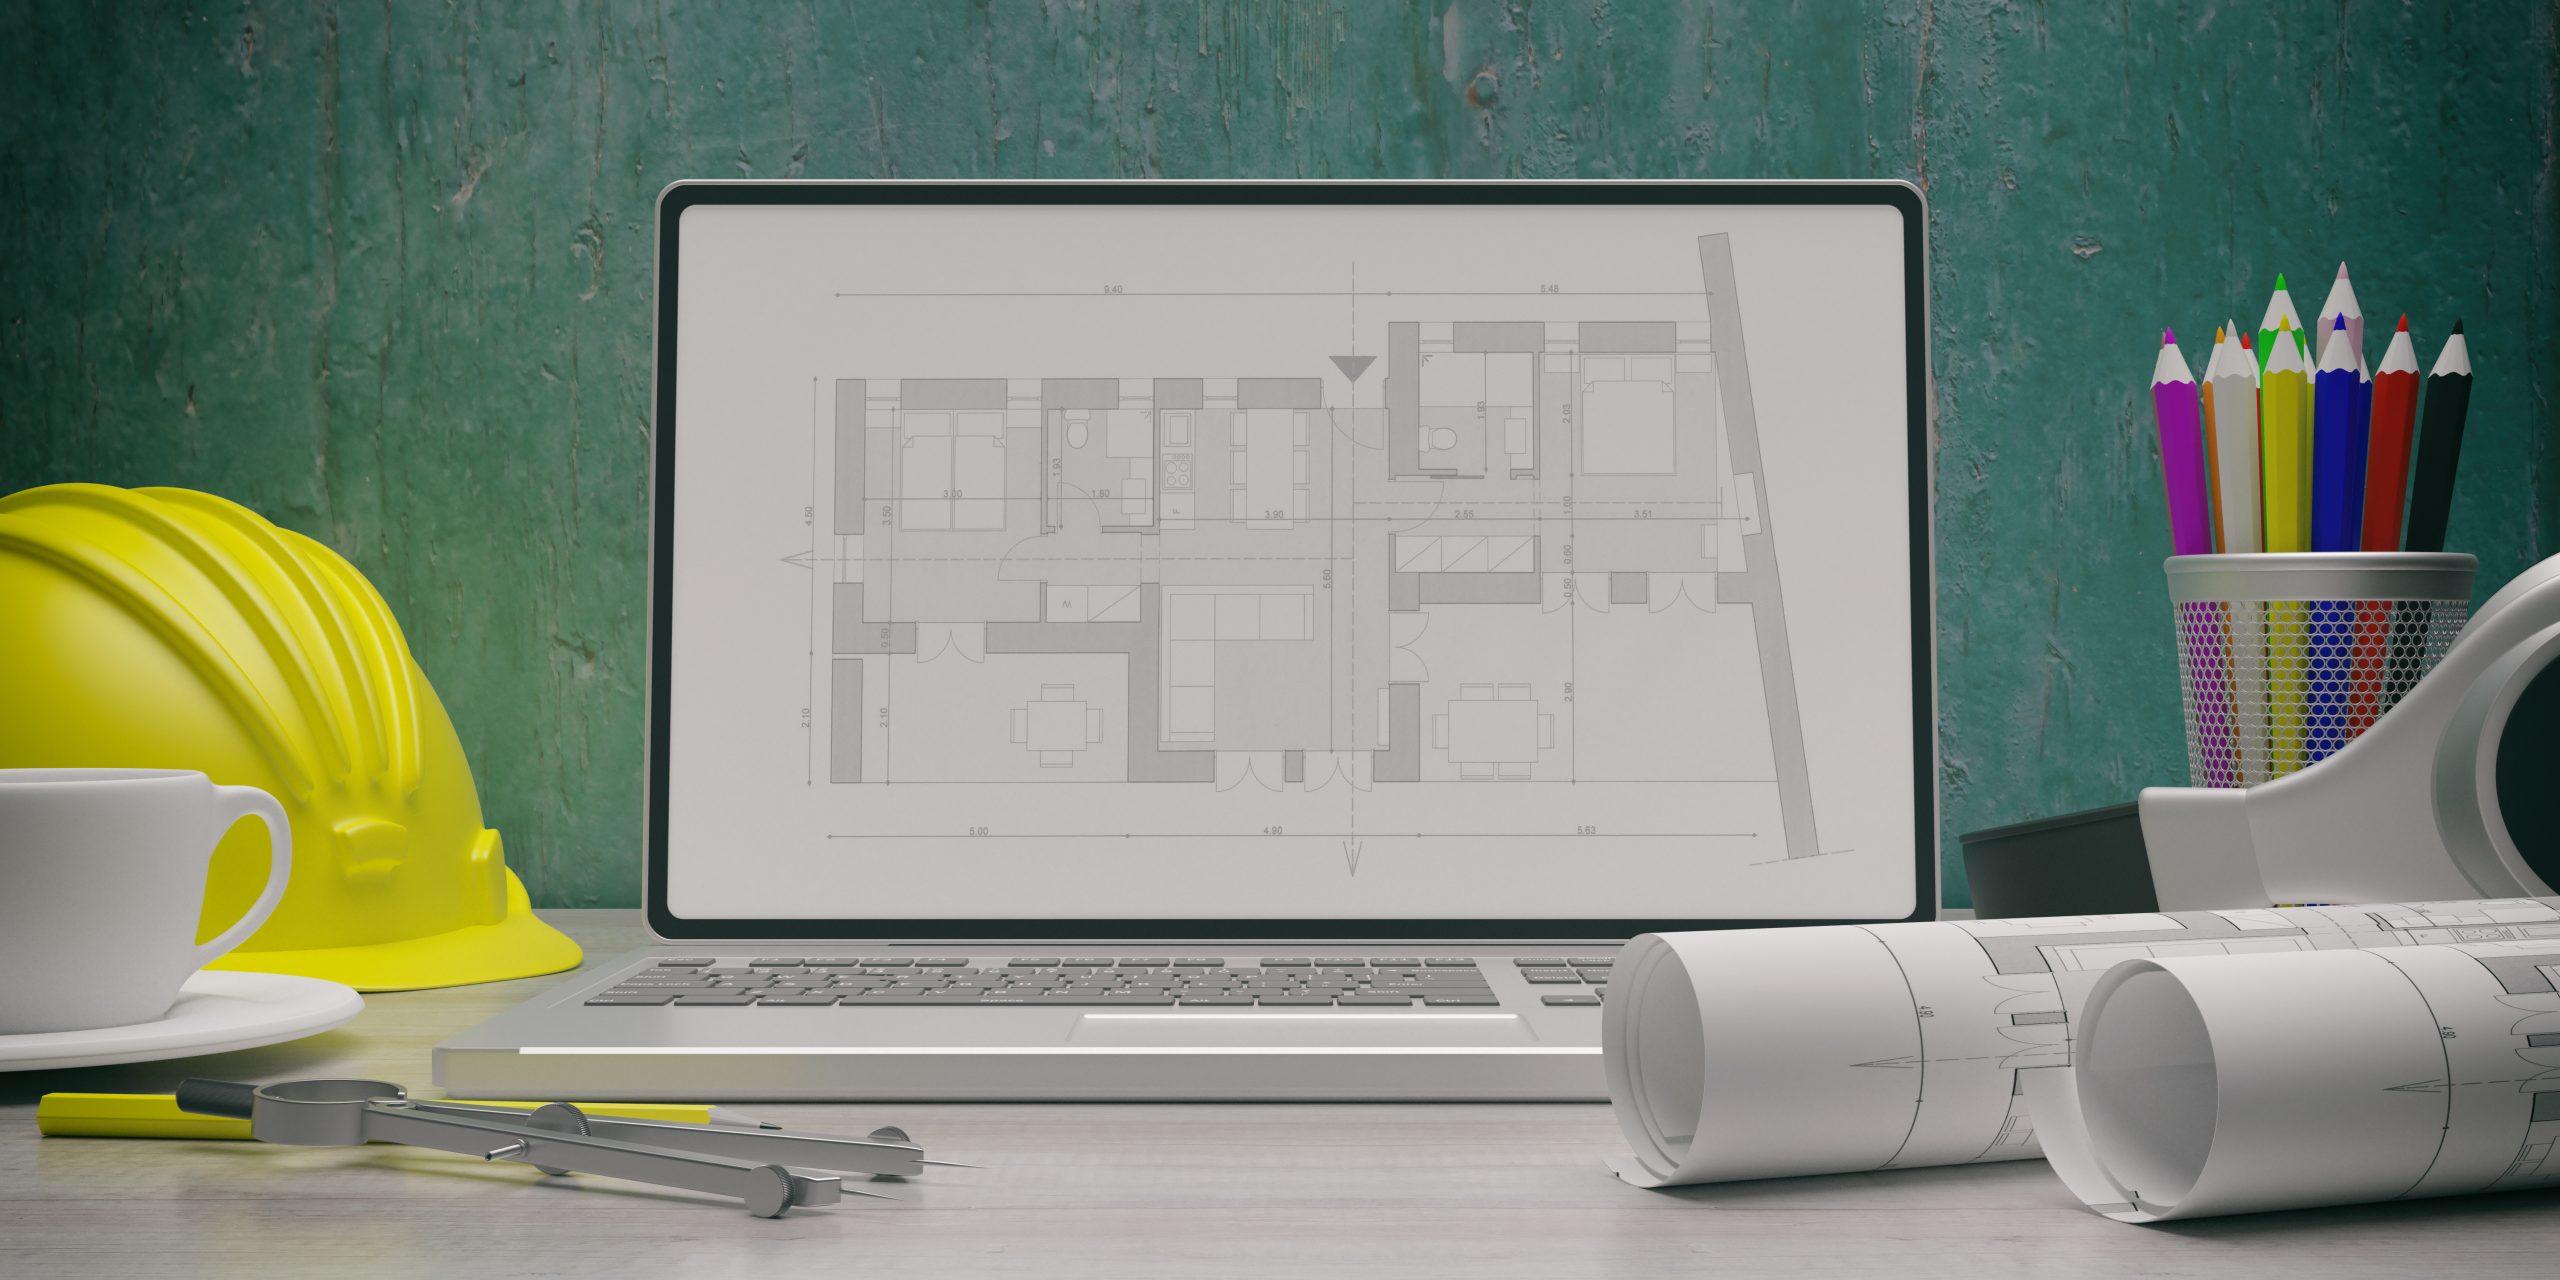 【CADを無料で入手!】すぐに使える2次元、3次元CAD をご紹介